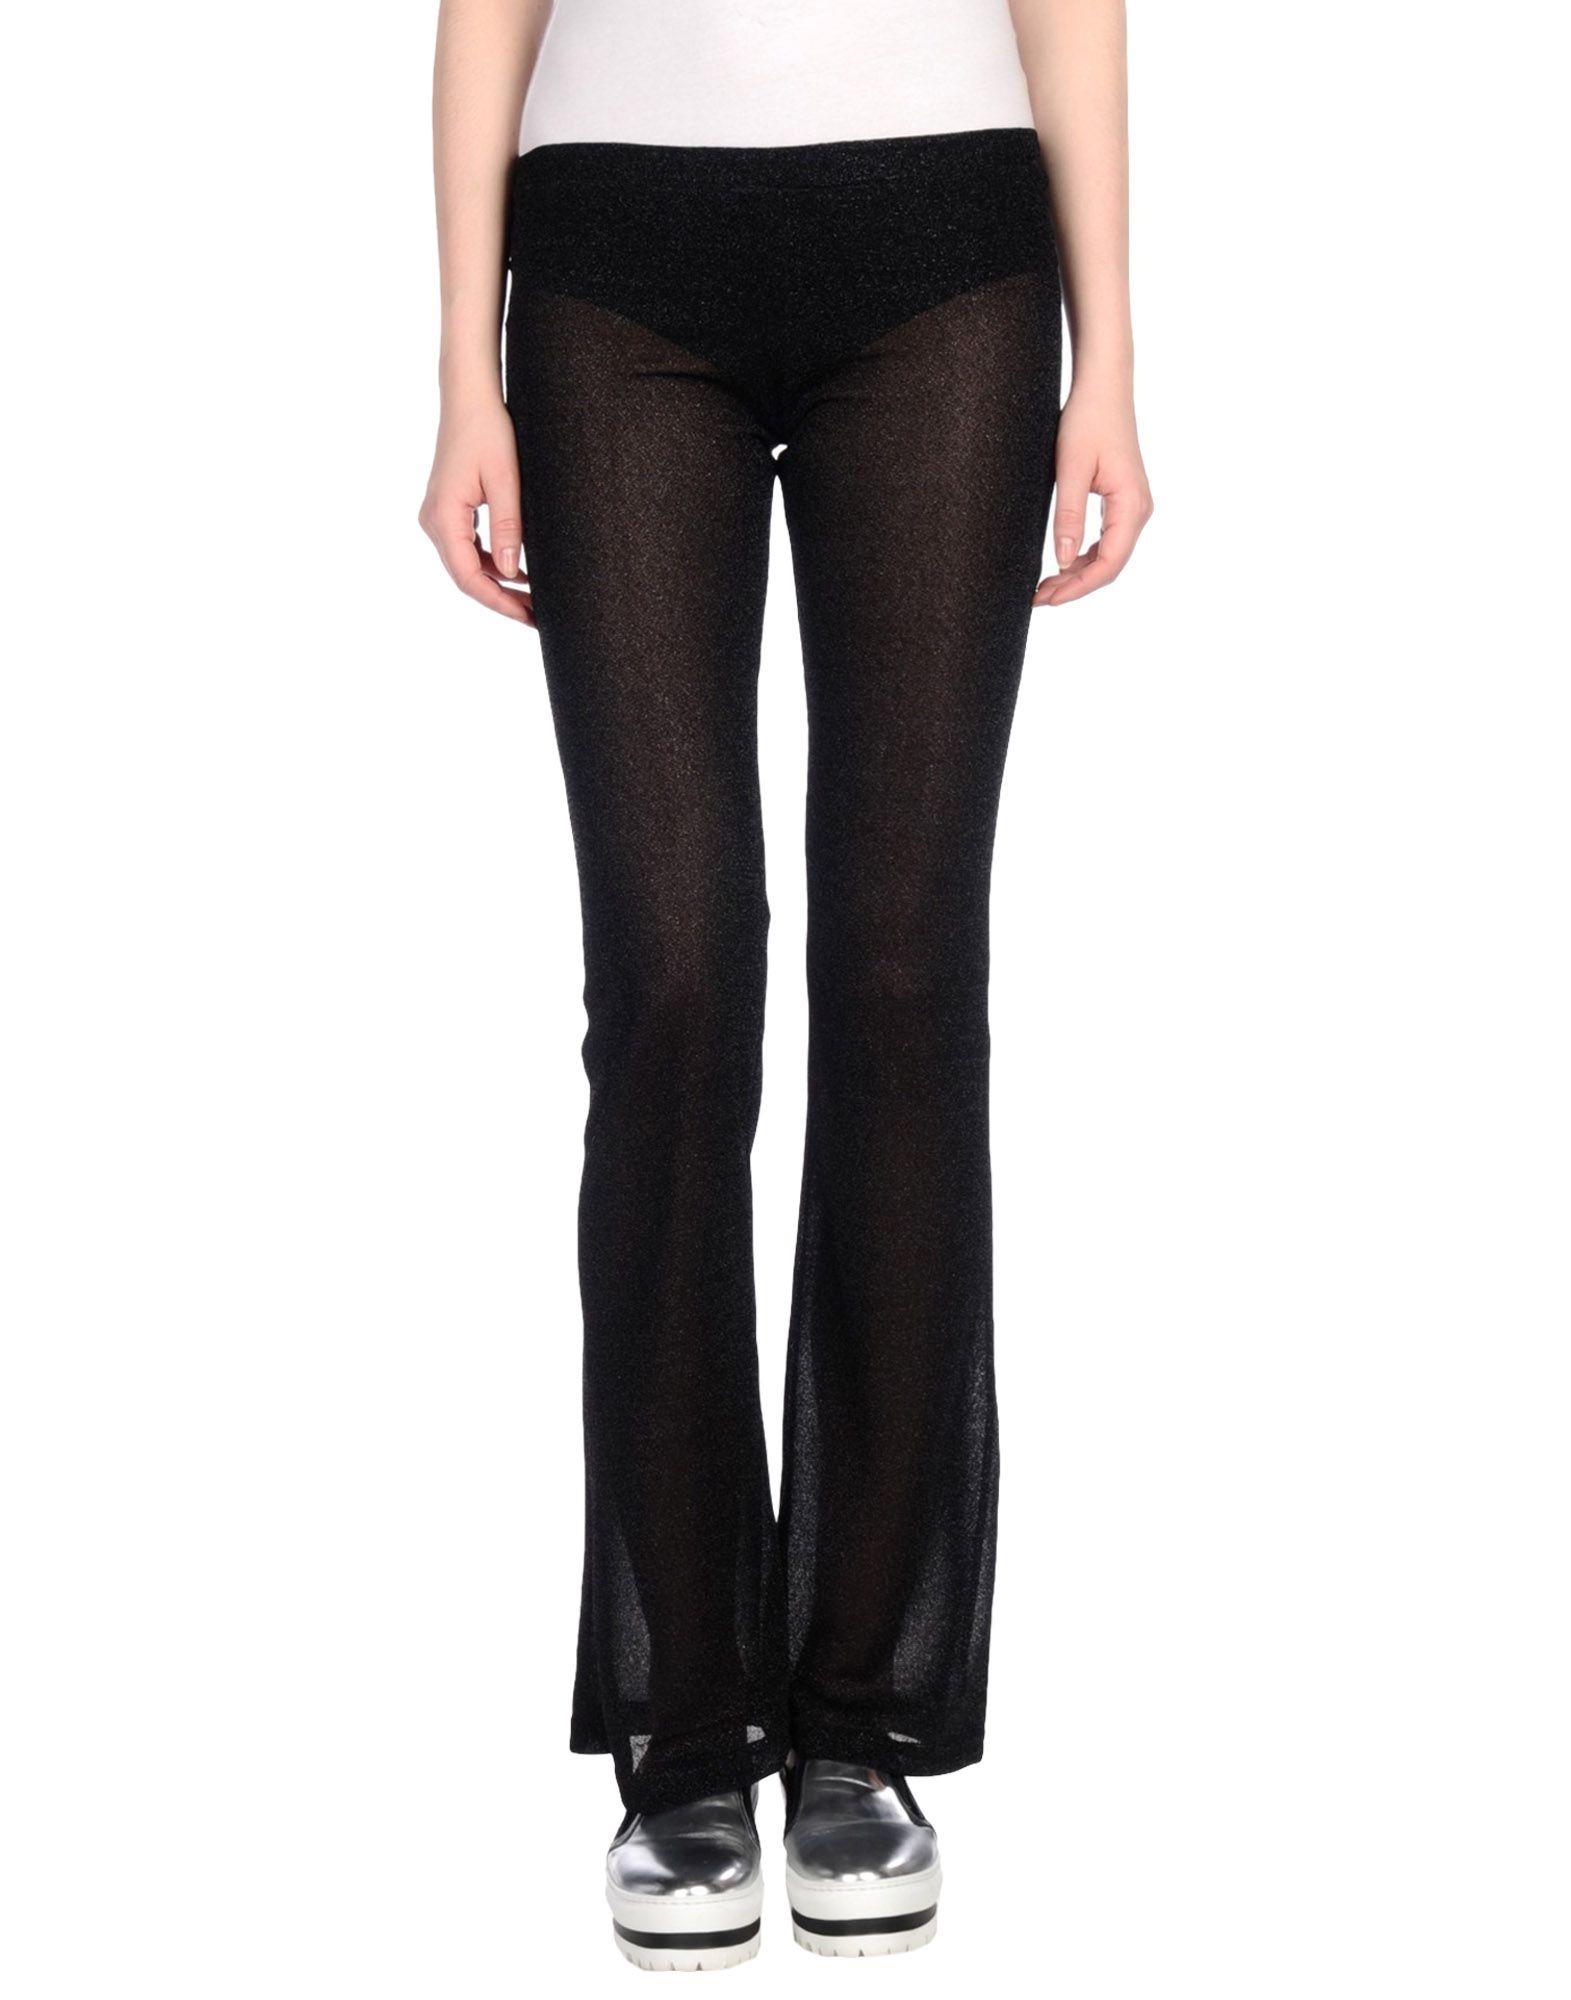 цены на I LOVE POP Повседневные брюки  в интернет-магазинах